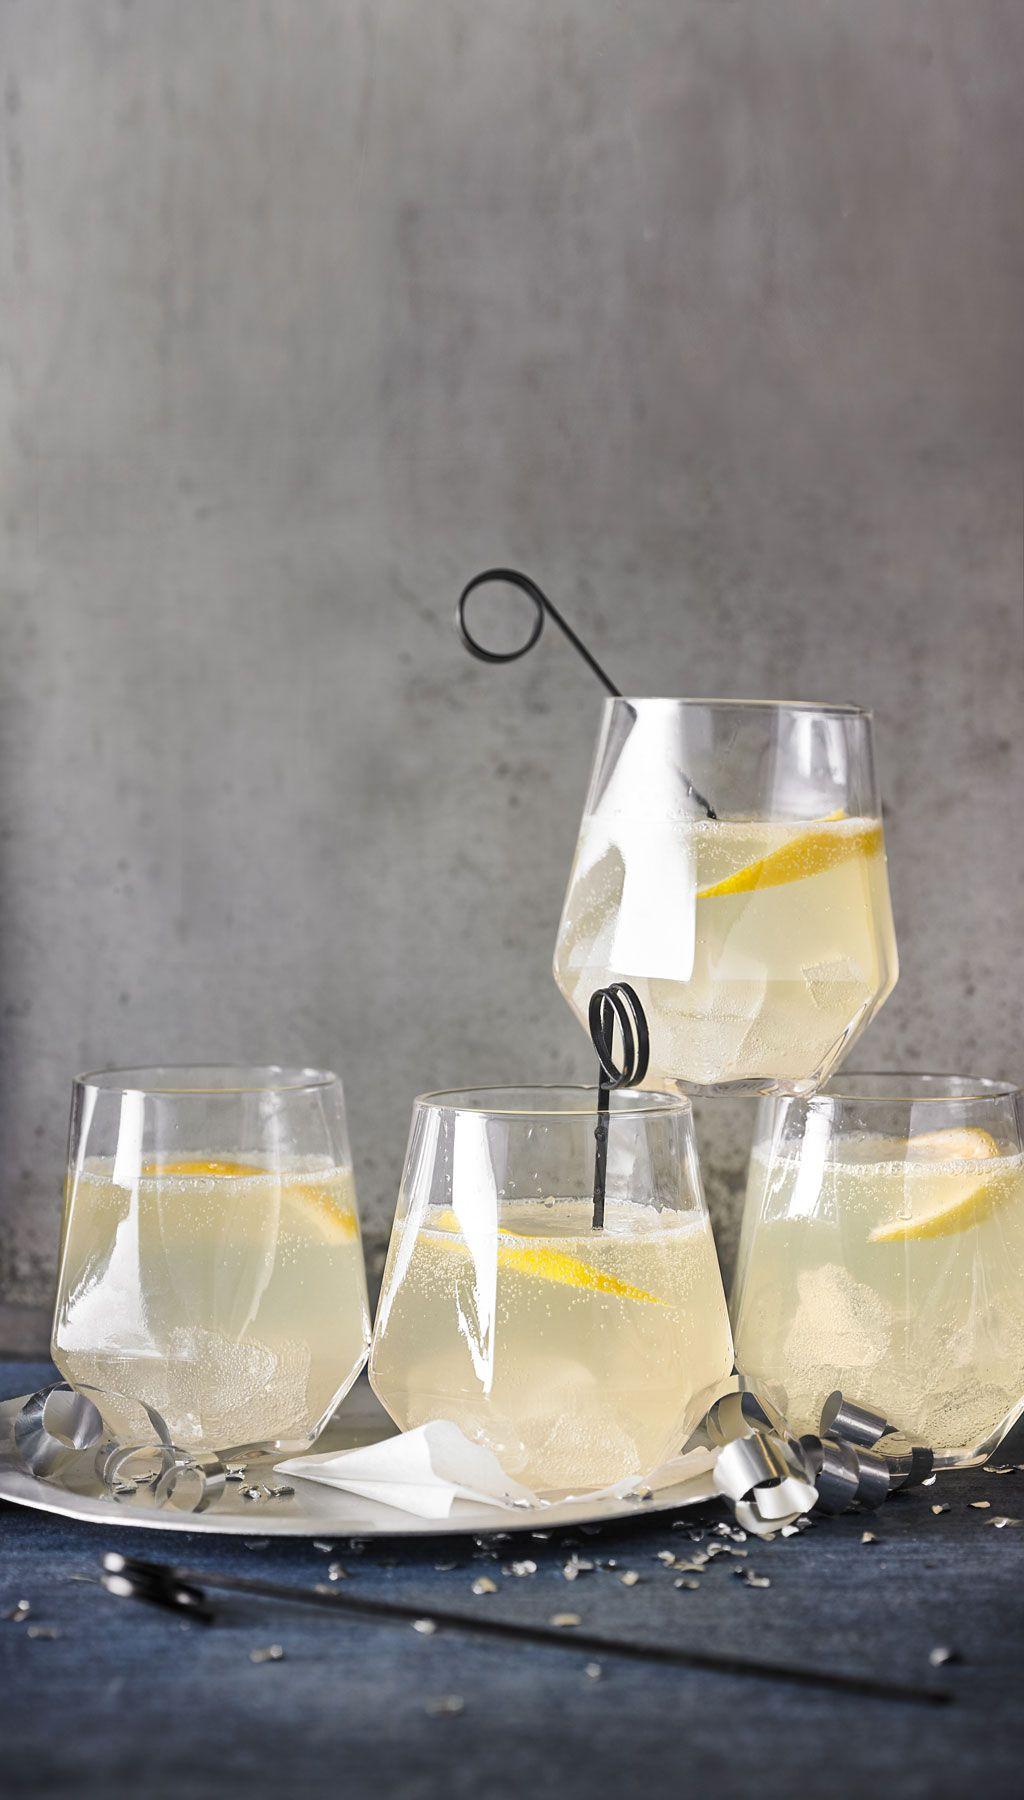 gin fizz in 2019 erfrischende drinks gin gin fizz und getr nke. Black Bedroom Furniture Sets. Home Design Ideas